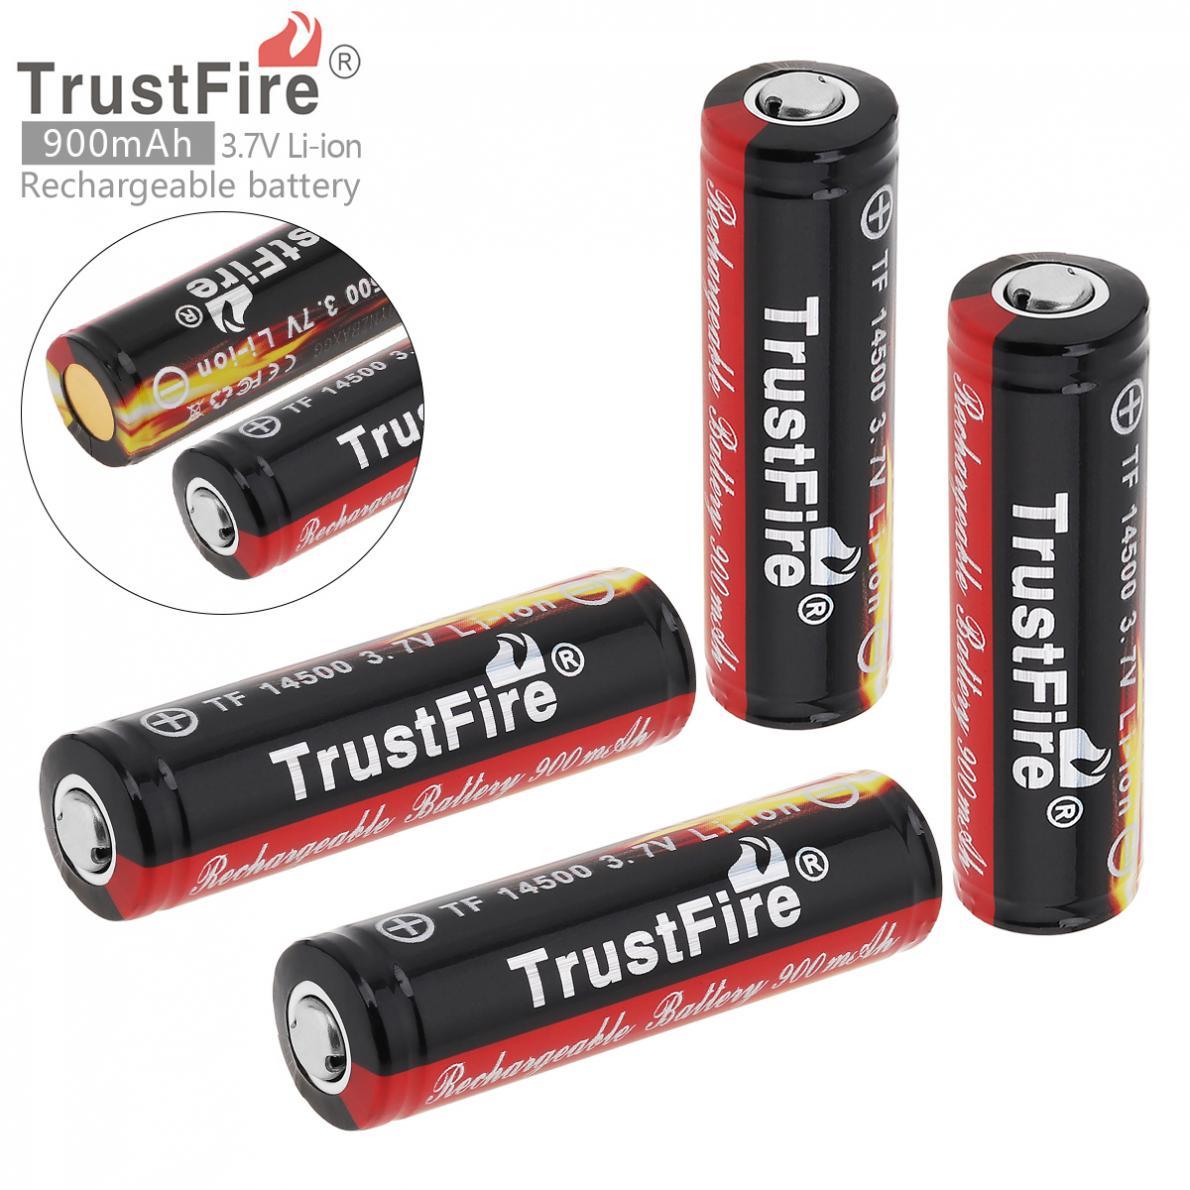 4 PiecesTrstFire 14500 Batterie 3,7 V ICR14500 900 Mah Li-Ion 14500 Akku Batterien mit PCB Geschützt Bord